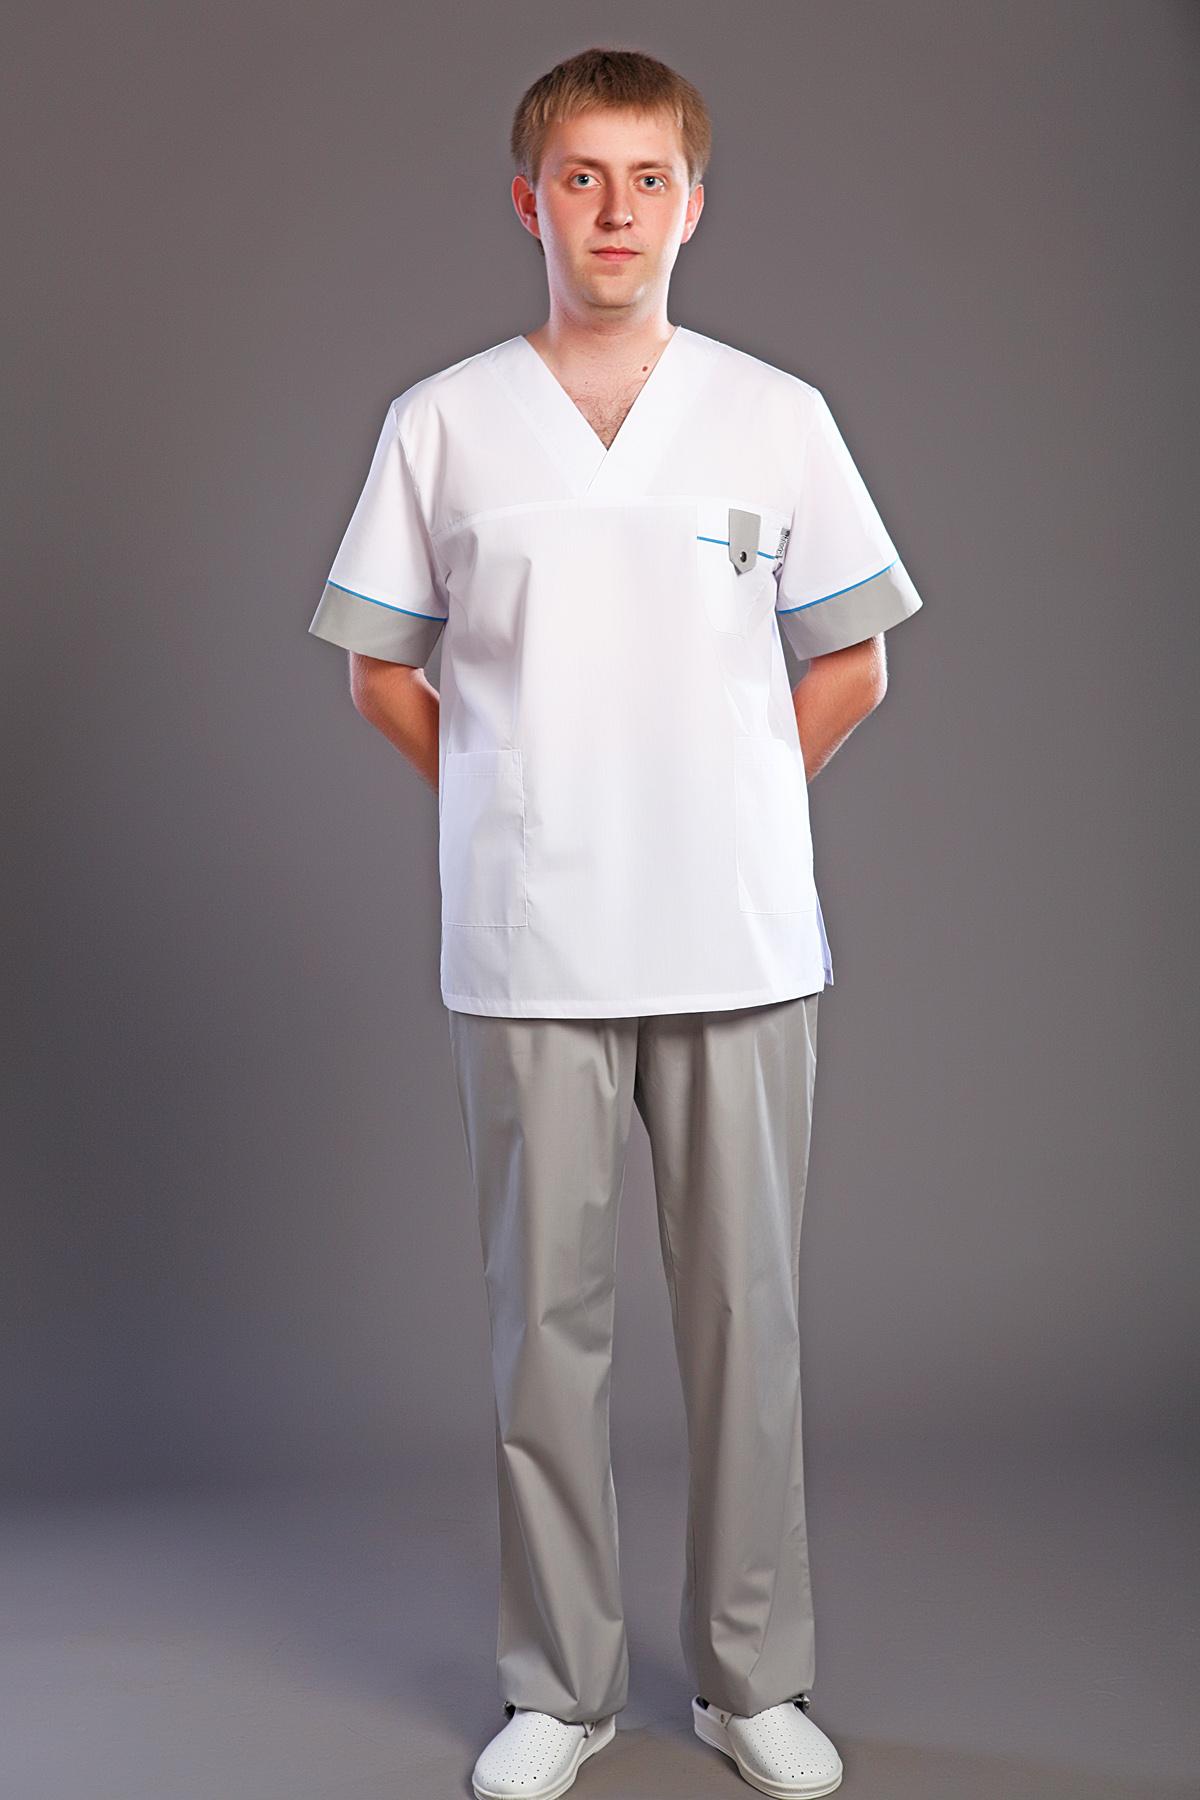 Костюм хирургический мужской М-170-1Костюмы, кофты, брюки<br><br><br>Размер: 54